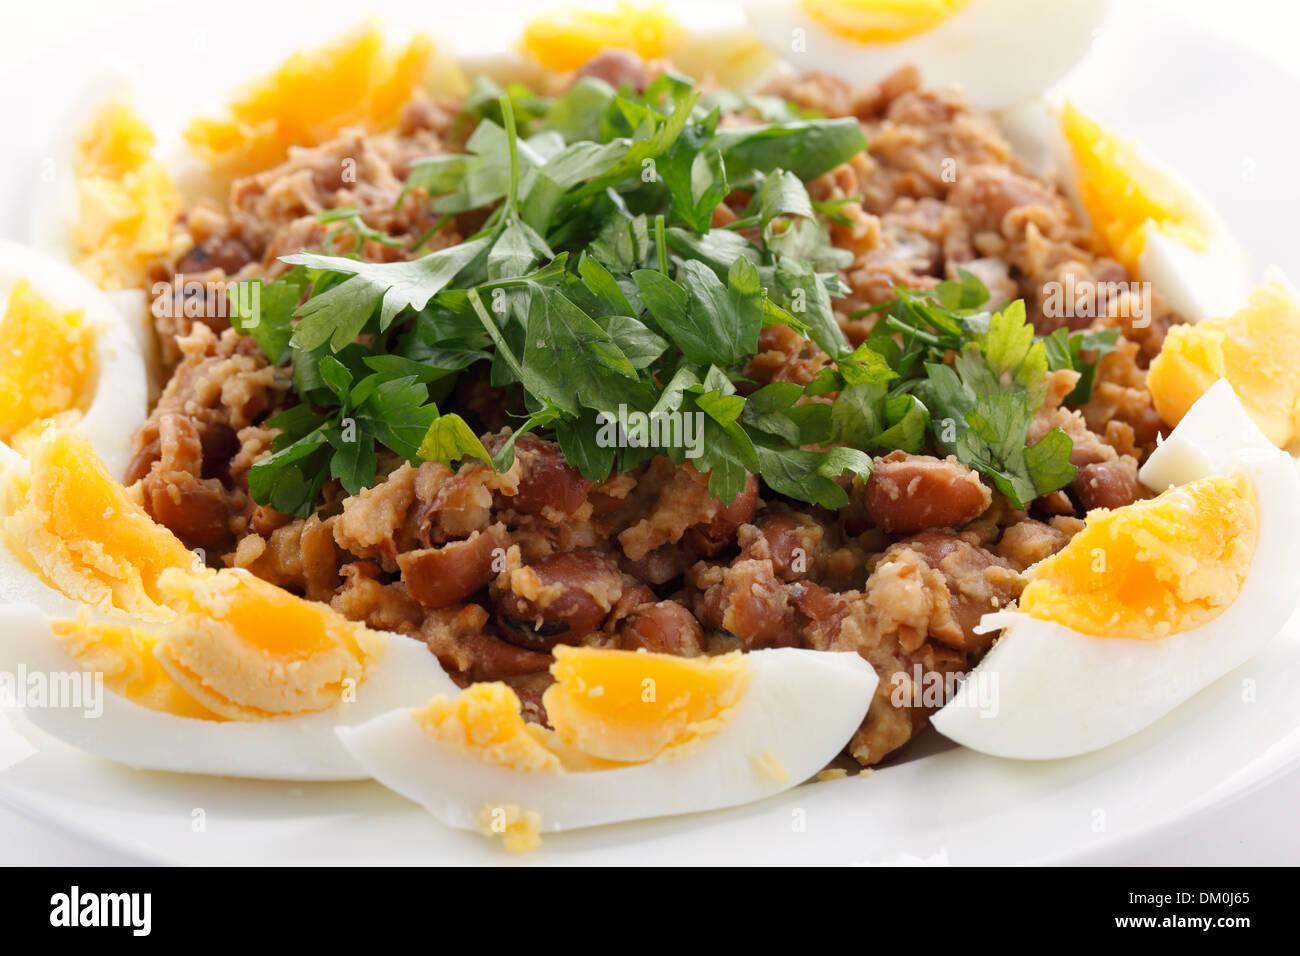 Ägyptische Foul- oder Ful - Medames auf eine Platte Garneshed mit Scheiben von gekochten Ei und glatte Petersilie. Stockbild